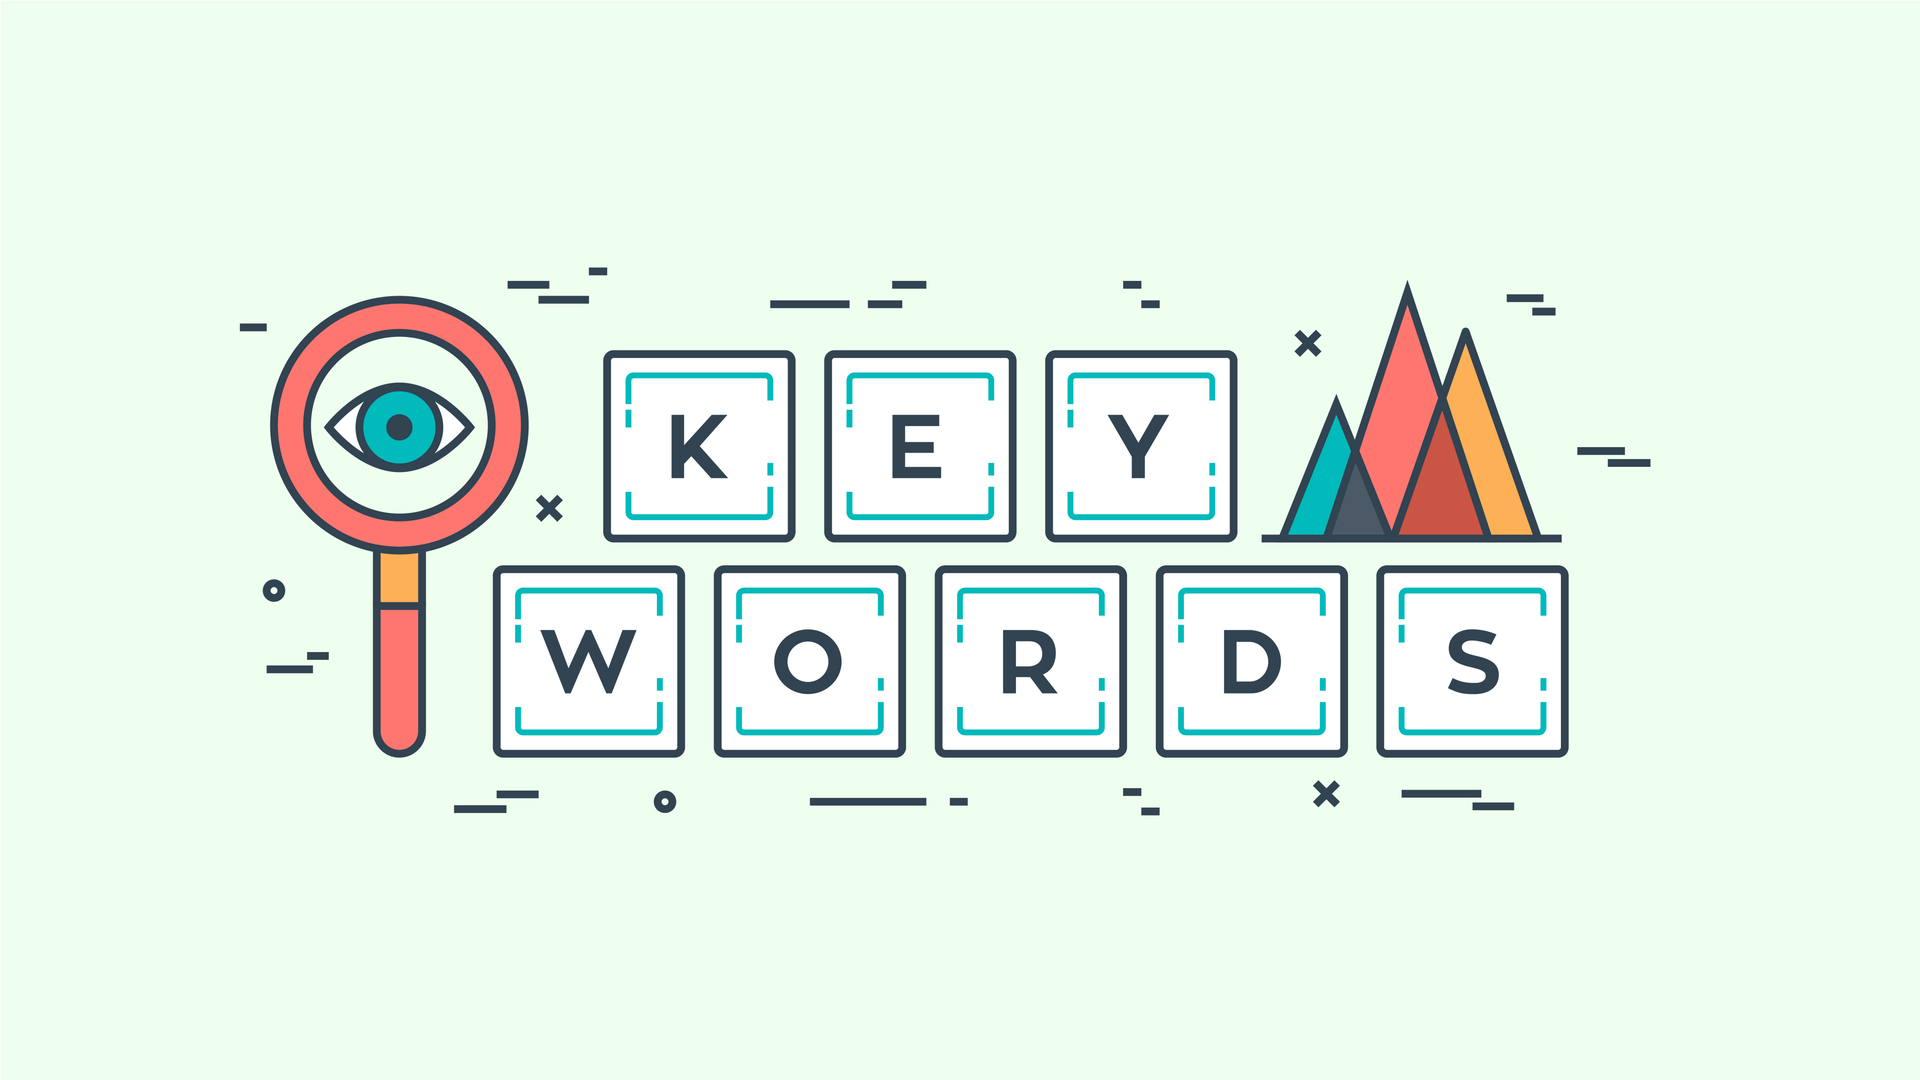 Palabras clave de optimización de motores de búsqueda entre las 1 mejores de Google